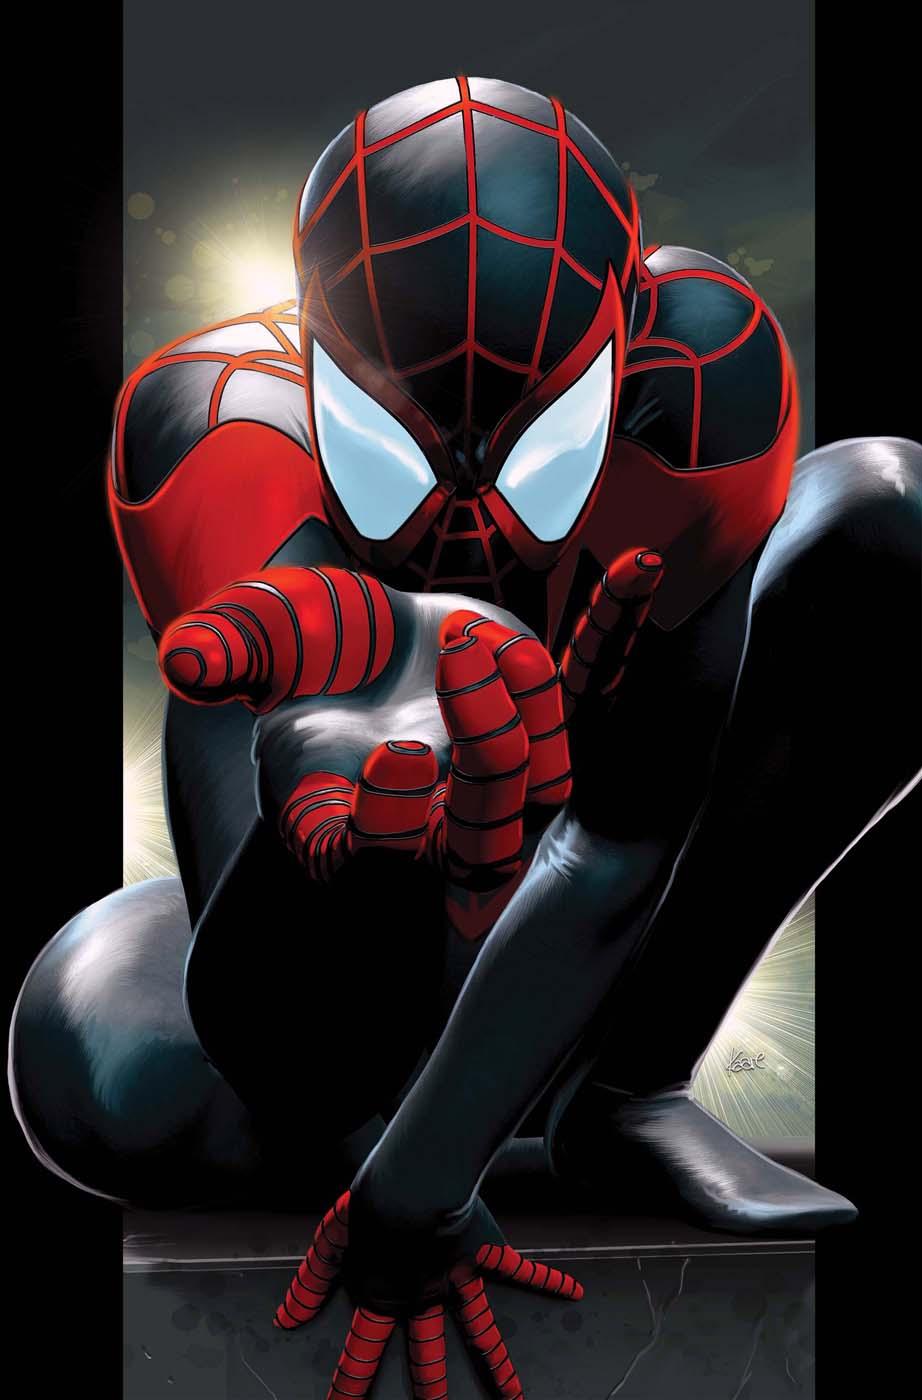 12 авг 2012 Игра The Amazing Spider-Man для Android. Скачать